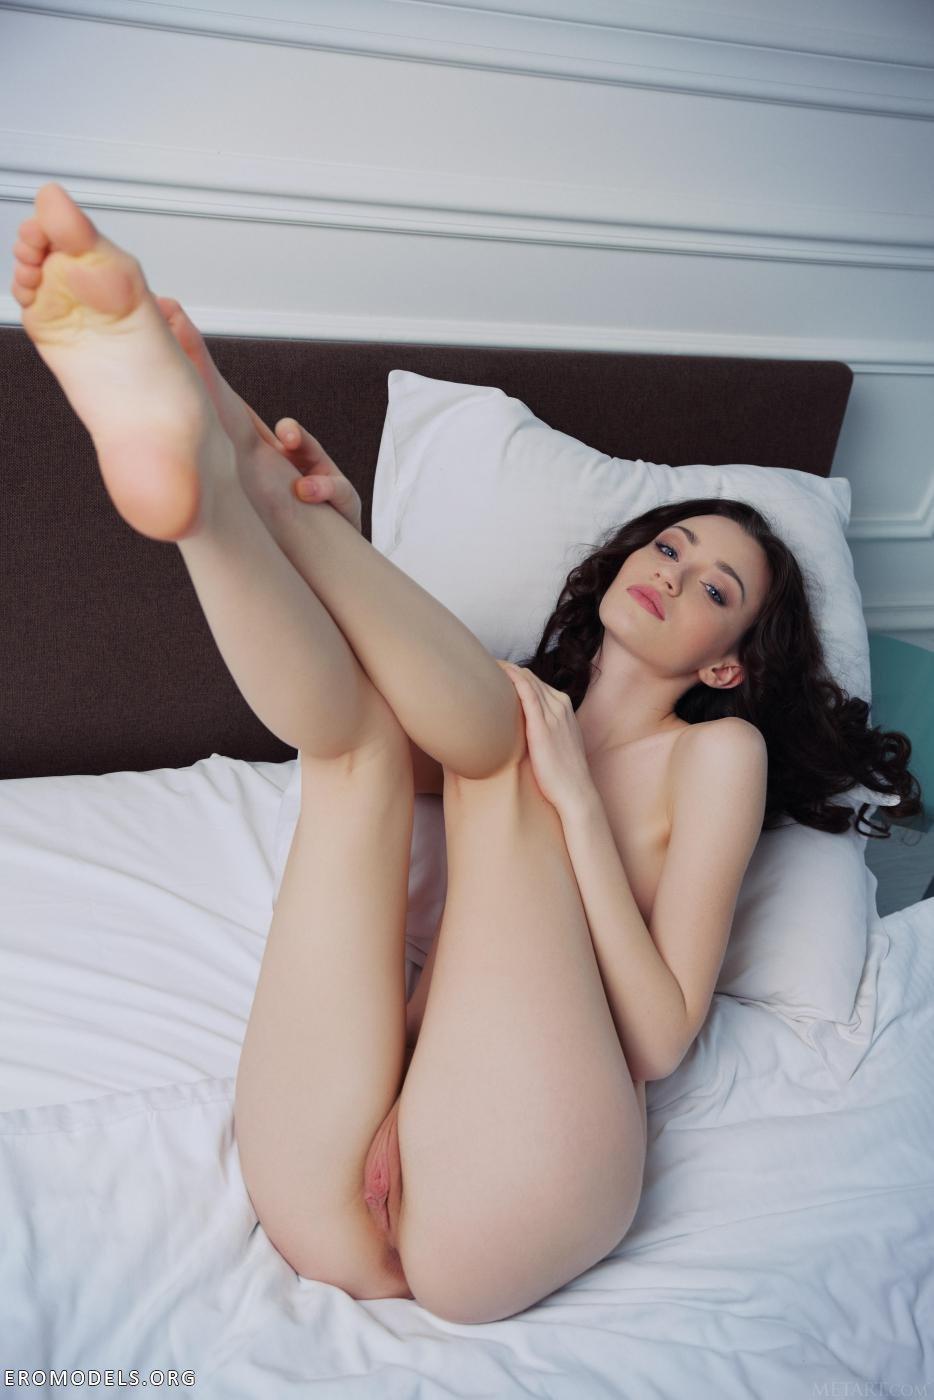 Трансвститы в порно 2 фотография